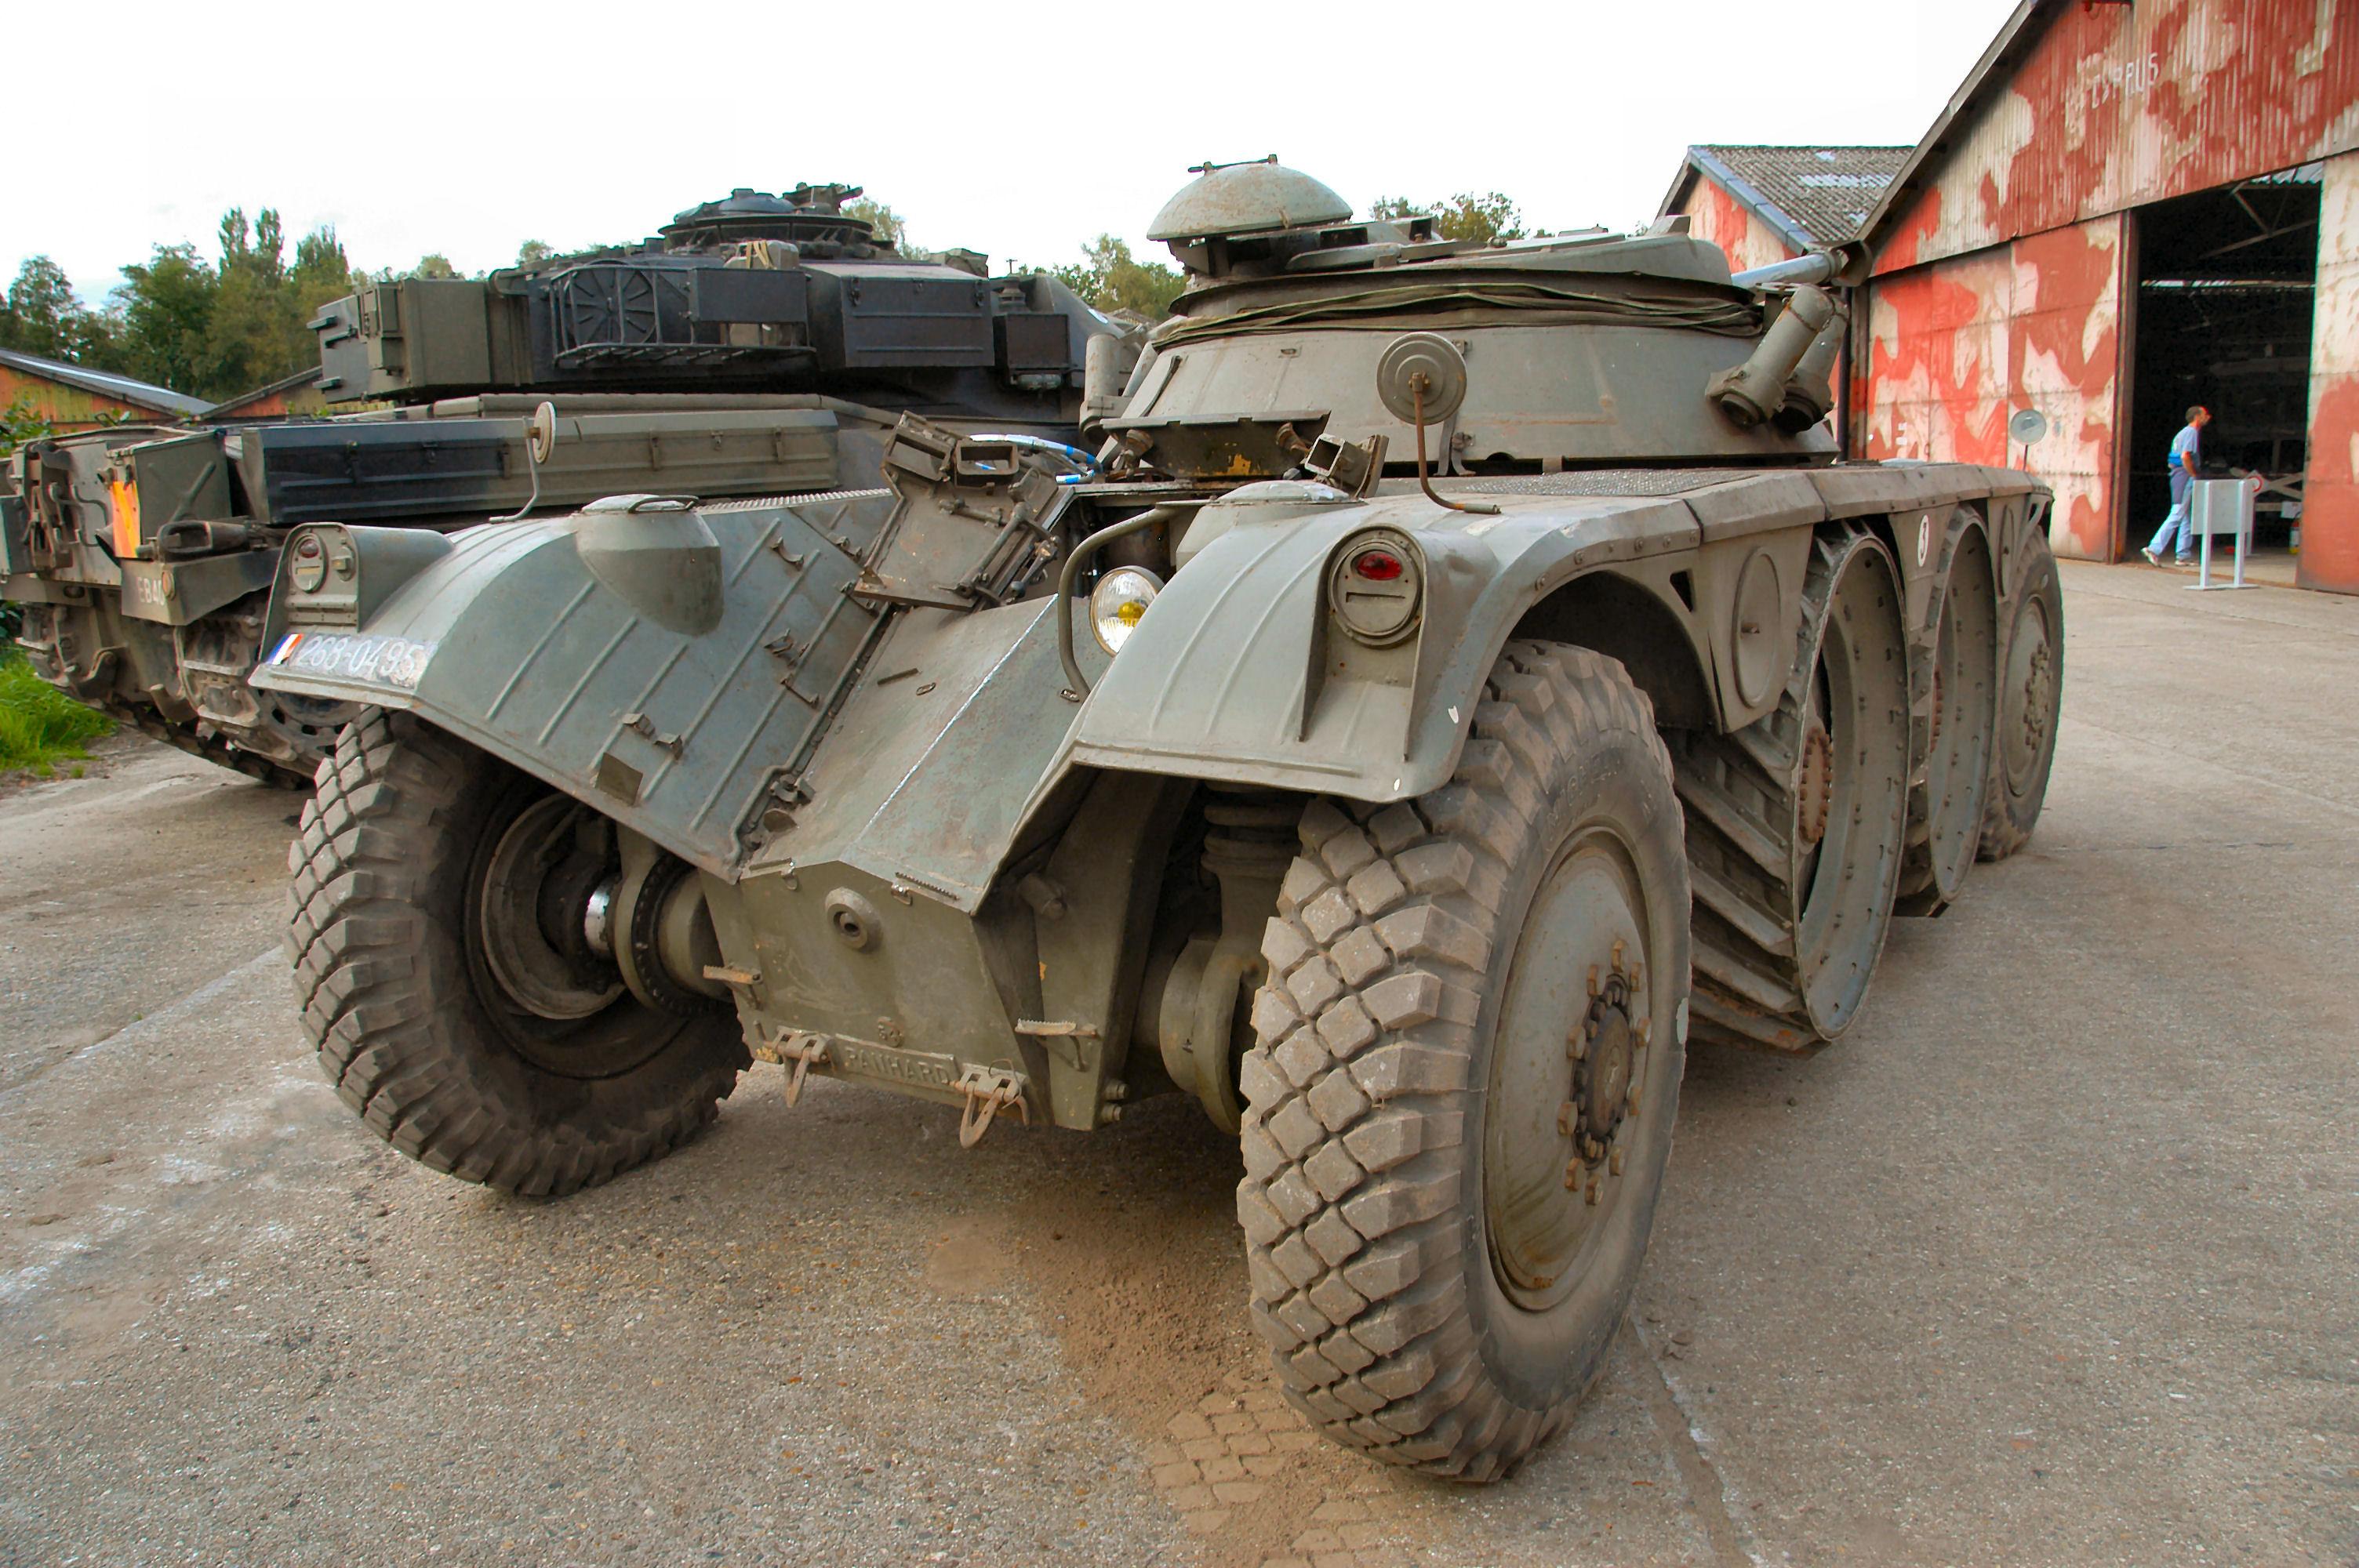 Модели танков и бронетехники из бумаги своими руками.: Все